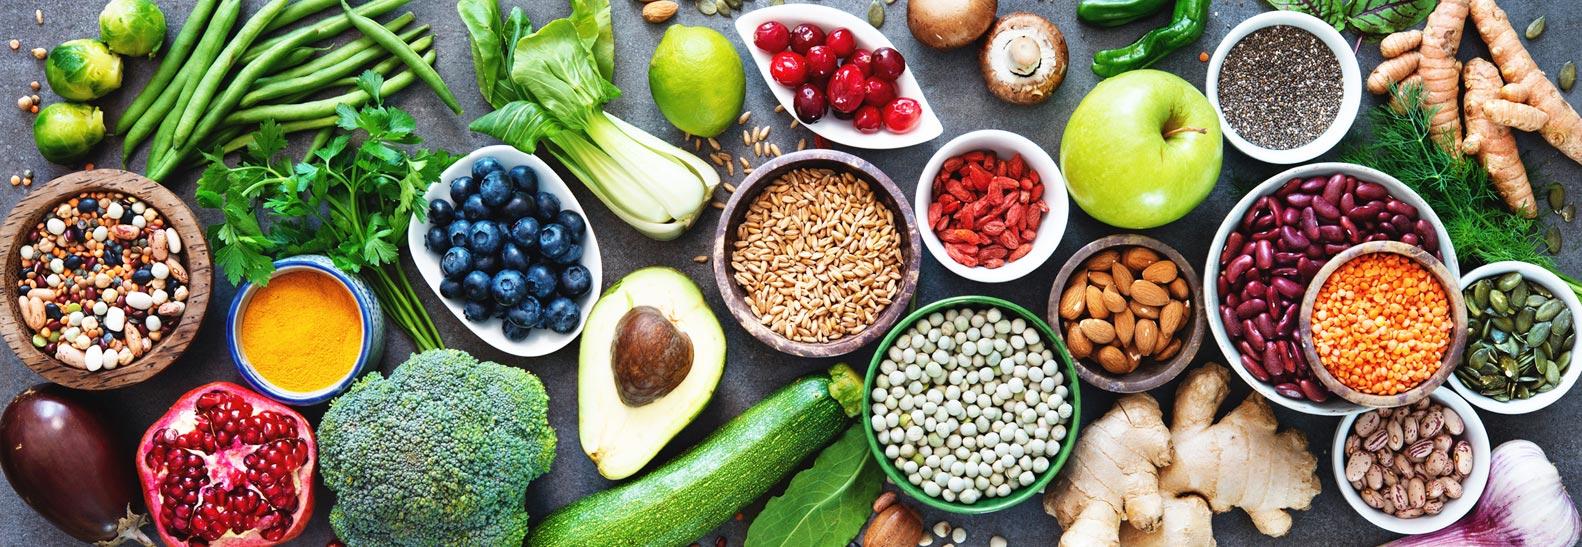 Superfoods - es heißt, sie können Krankheiten vorbeugen